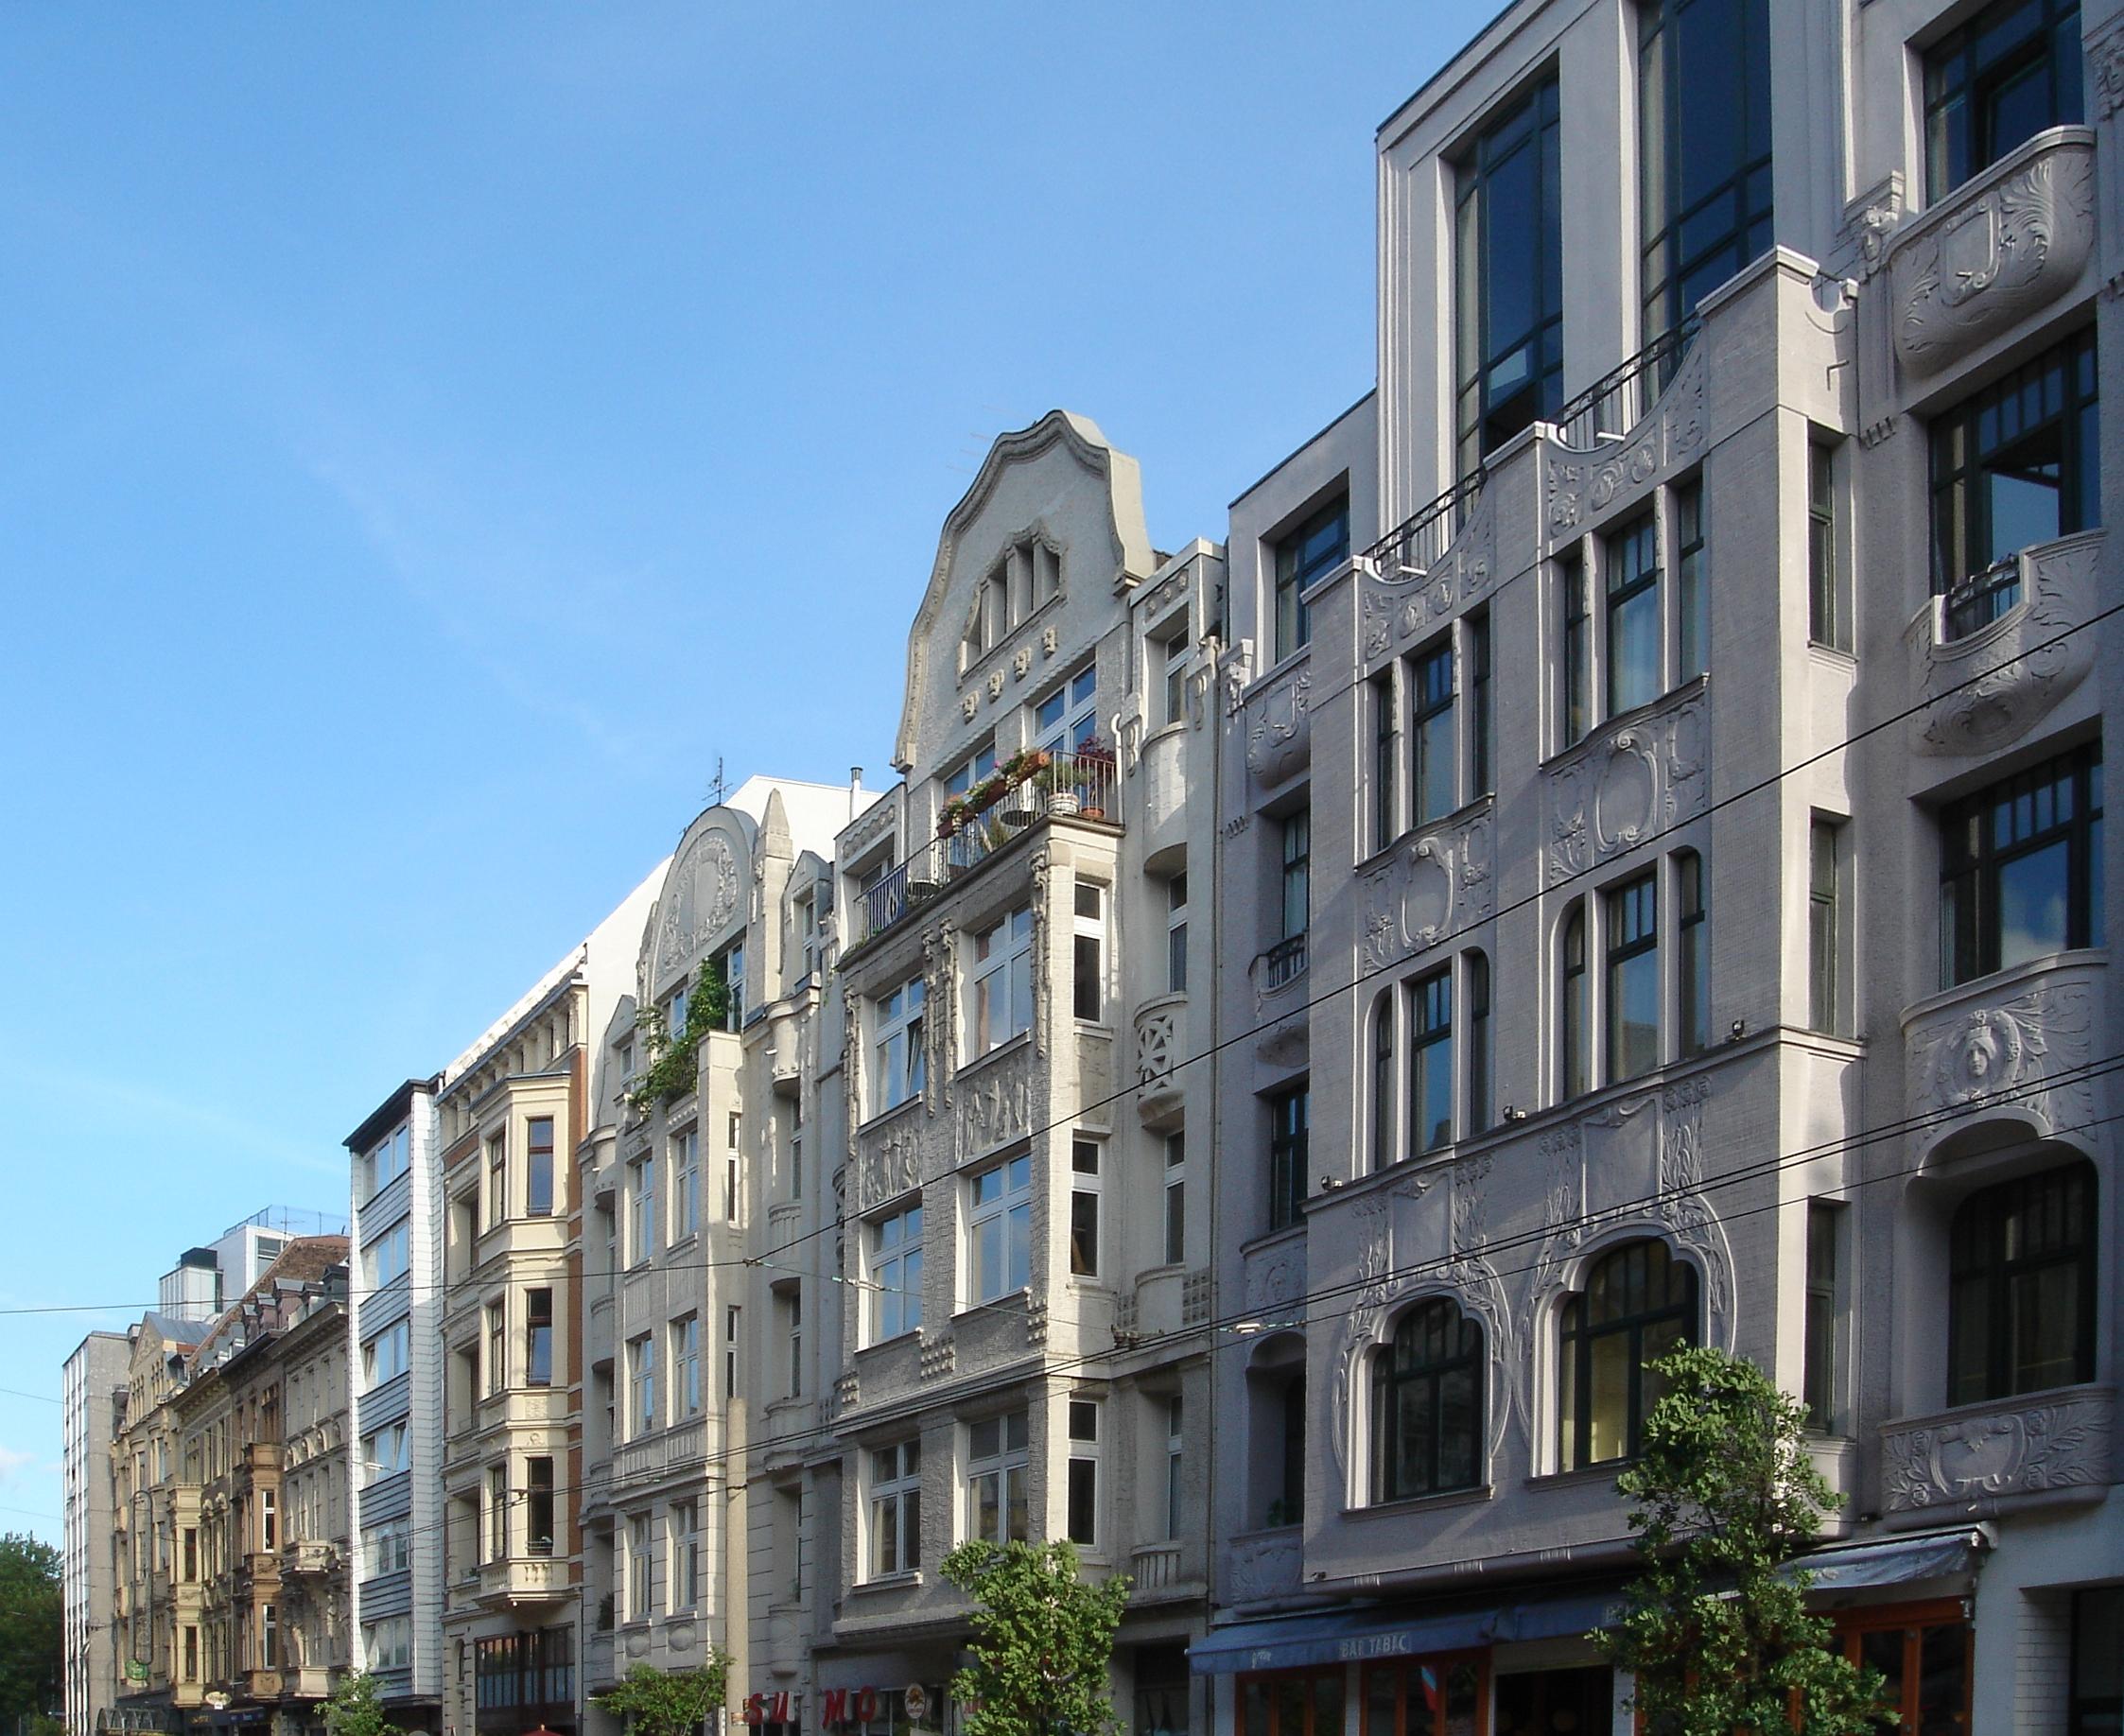 Jugendstilhäuser im Belgischen Viertel